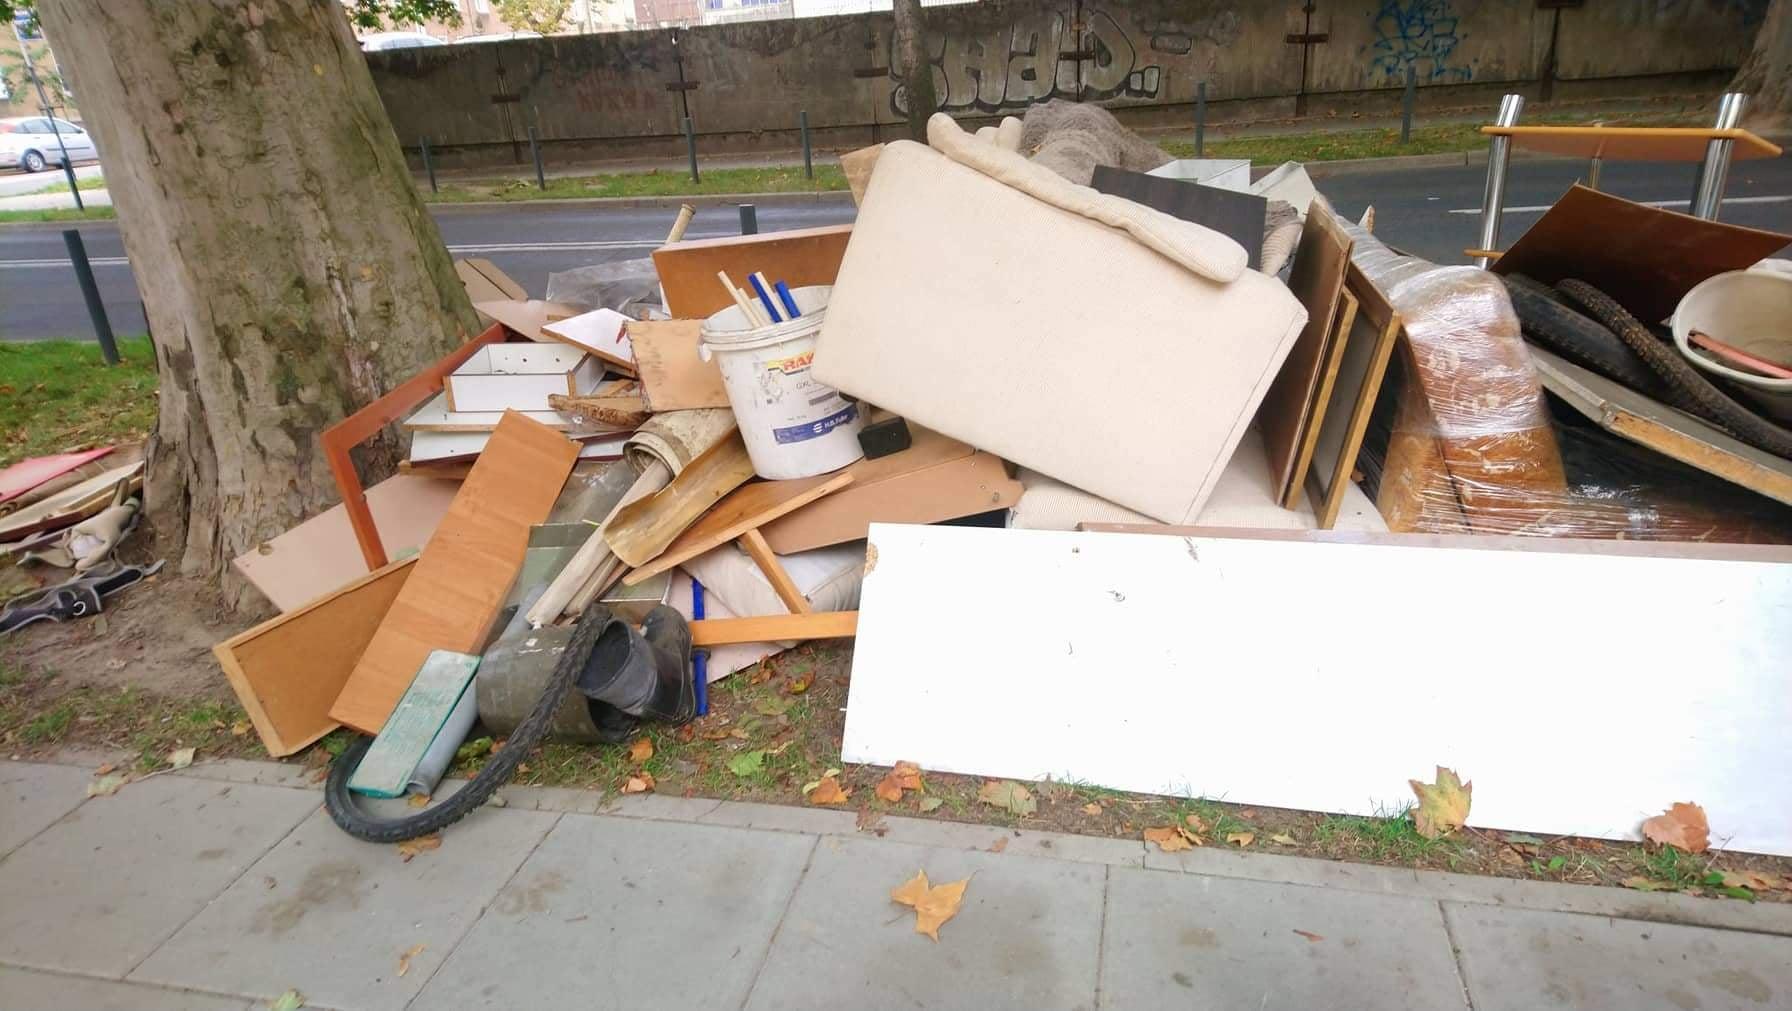 Ulica to nie składowisko odpadów. Mieszkańcy Wildy ukarani za odpady wielkogabarytowe